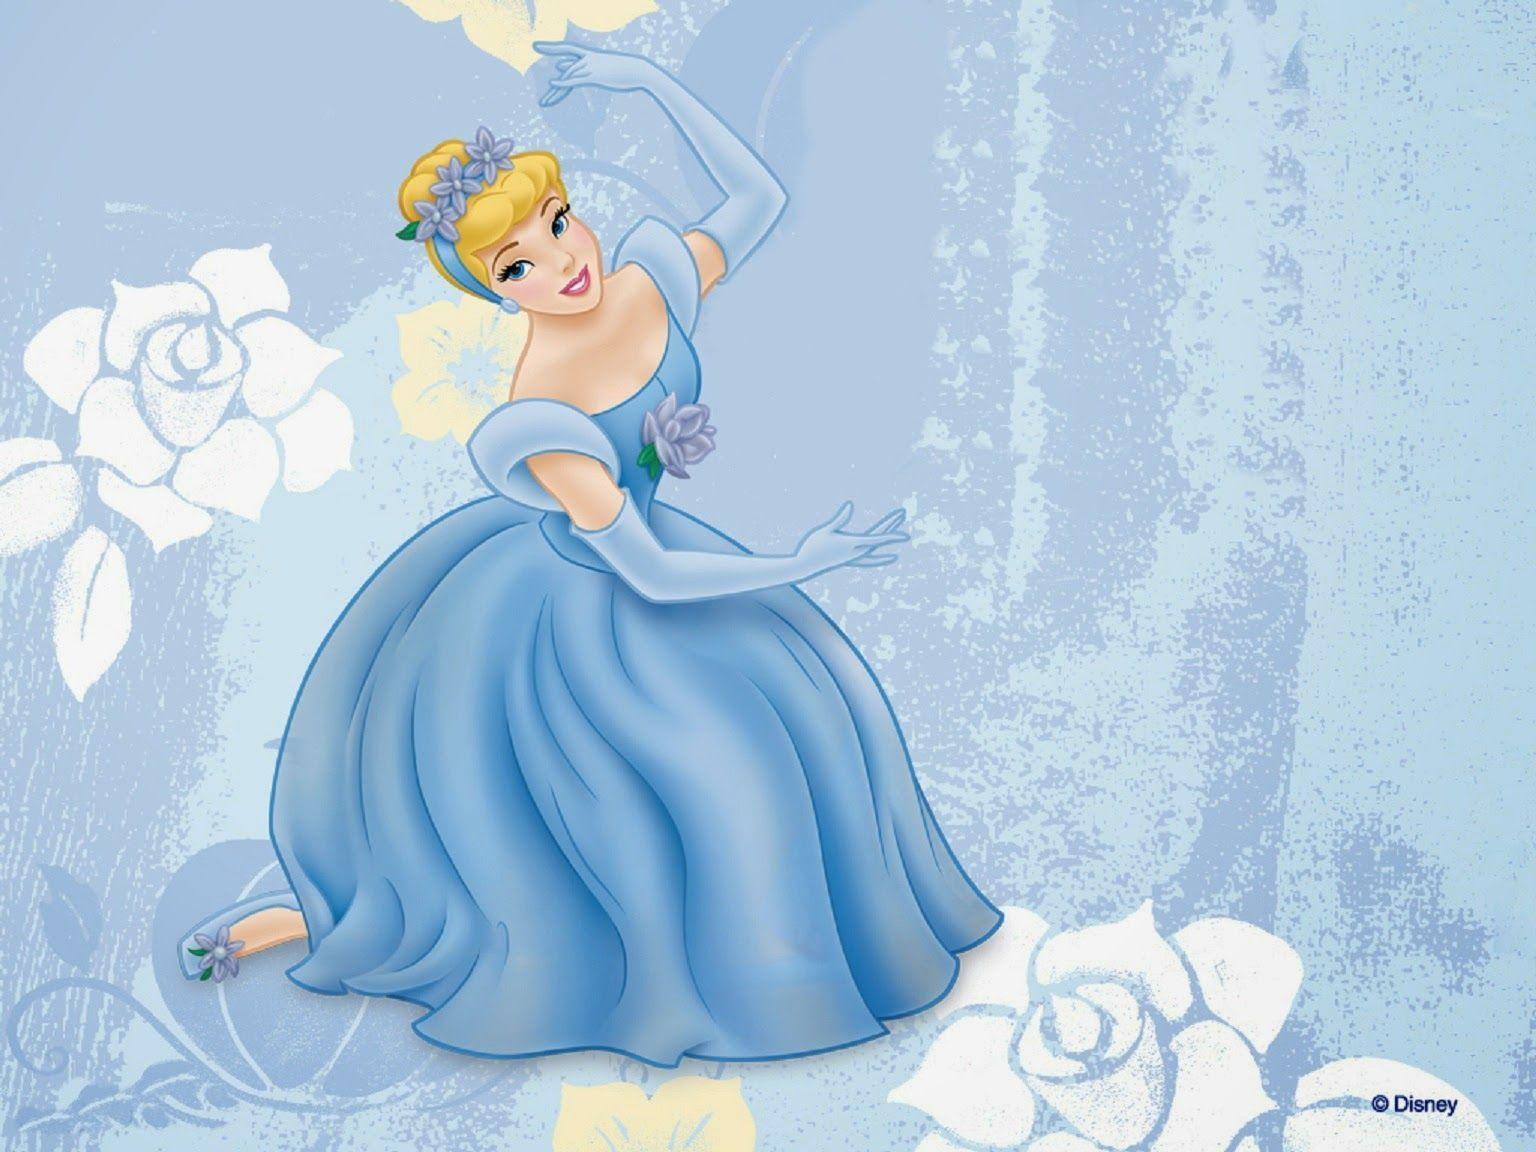 Cinderella Hd Wallpapers Wallpaper Cave